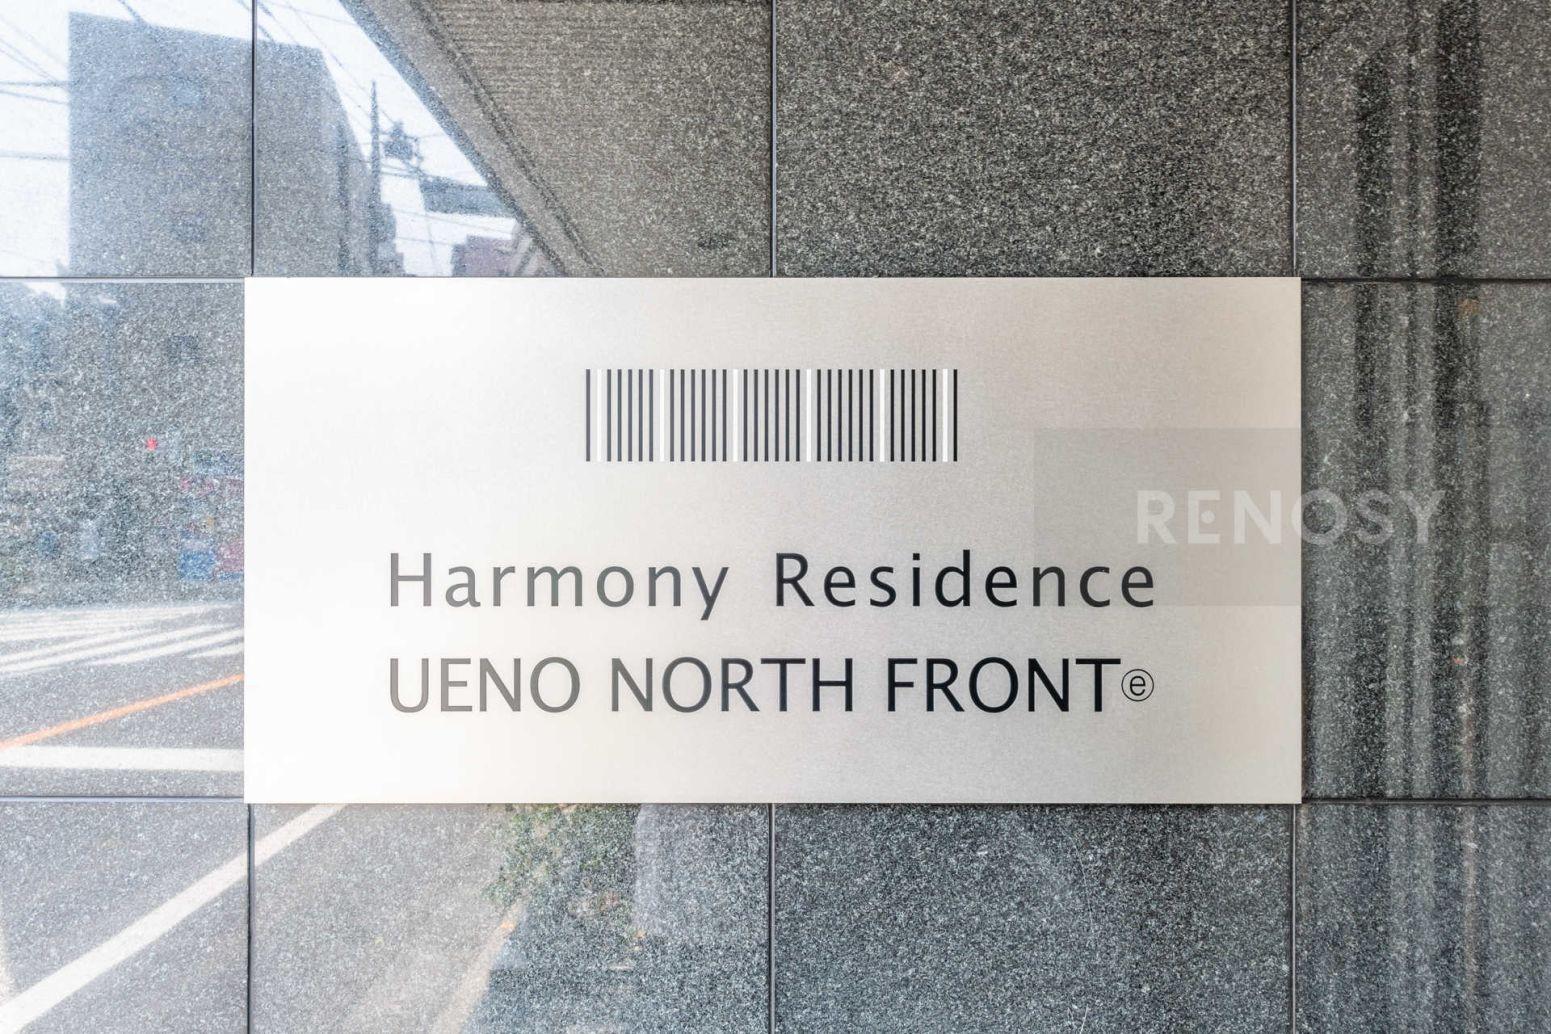 ハーモニーレジデンス上野ノースフロント